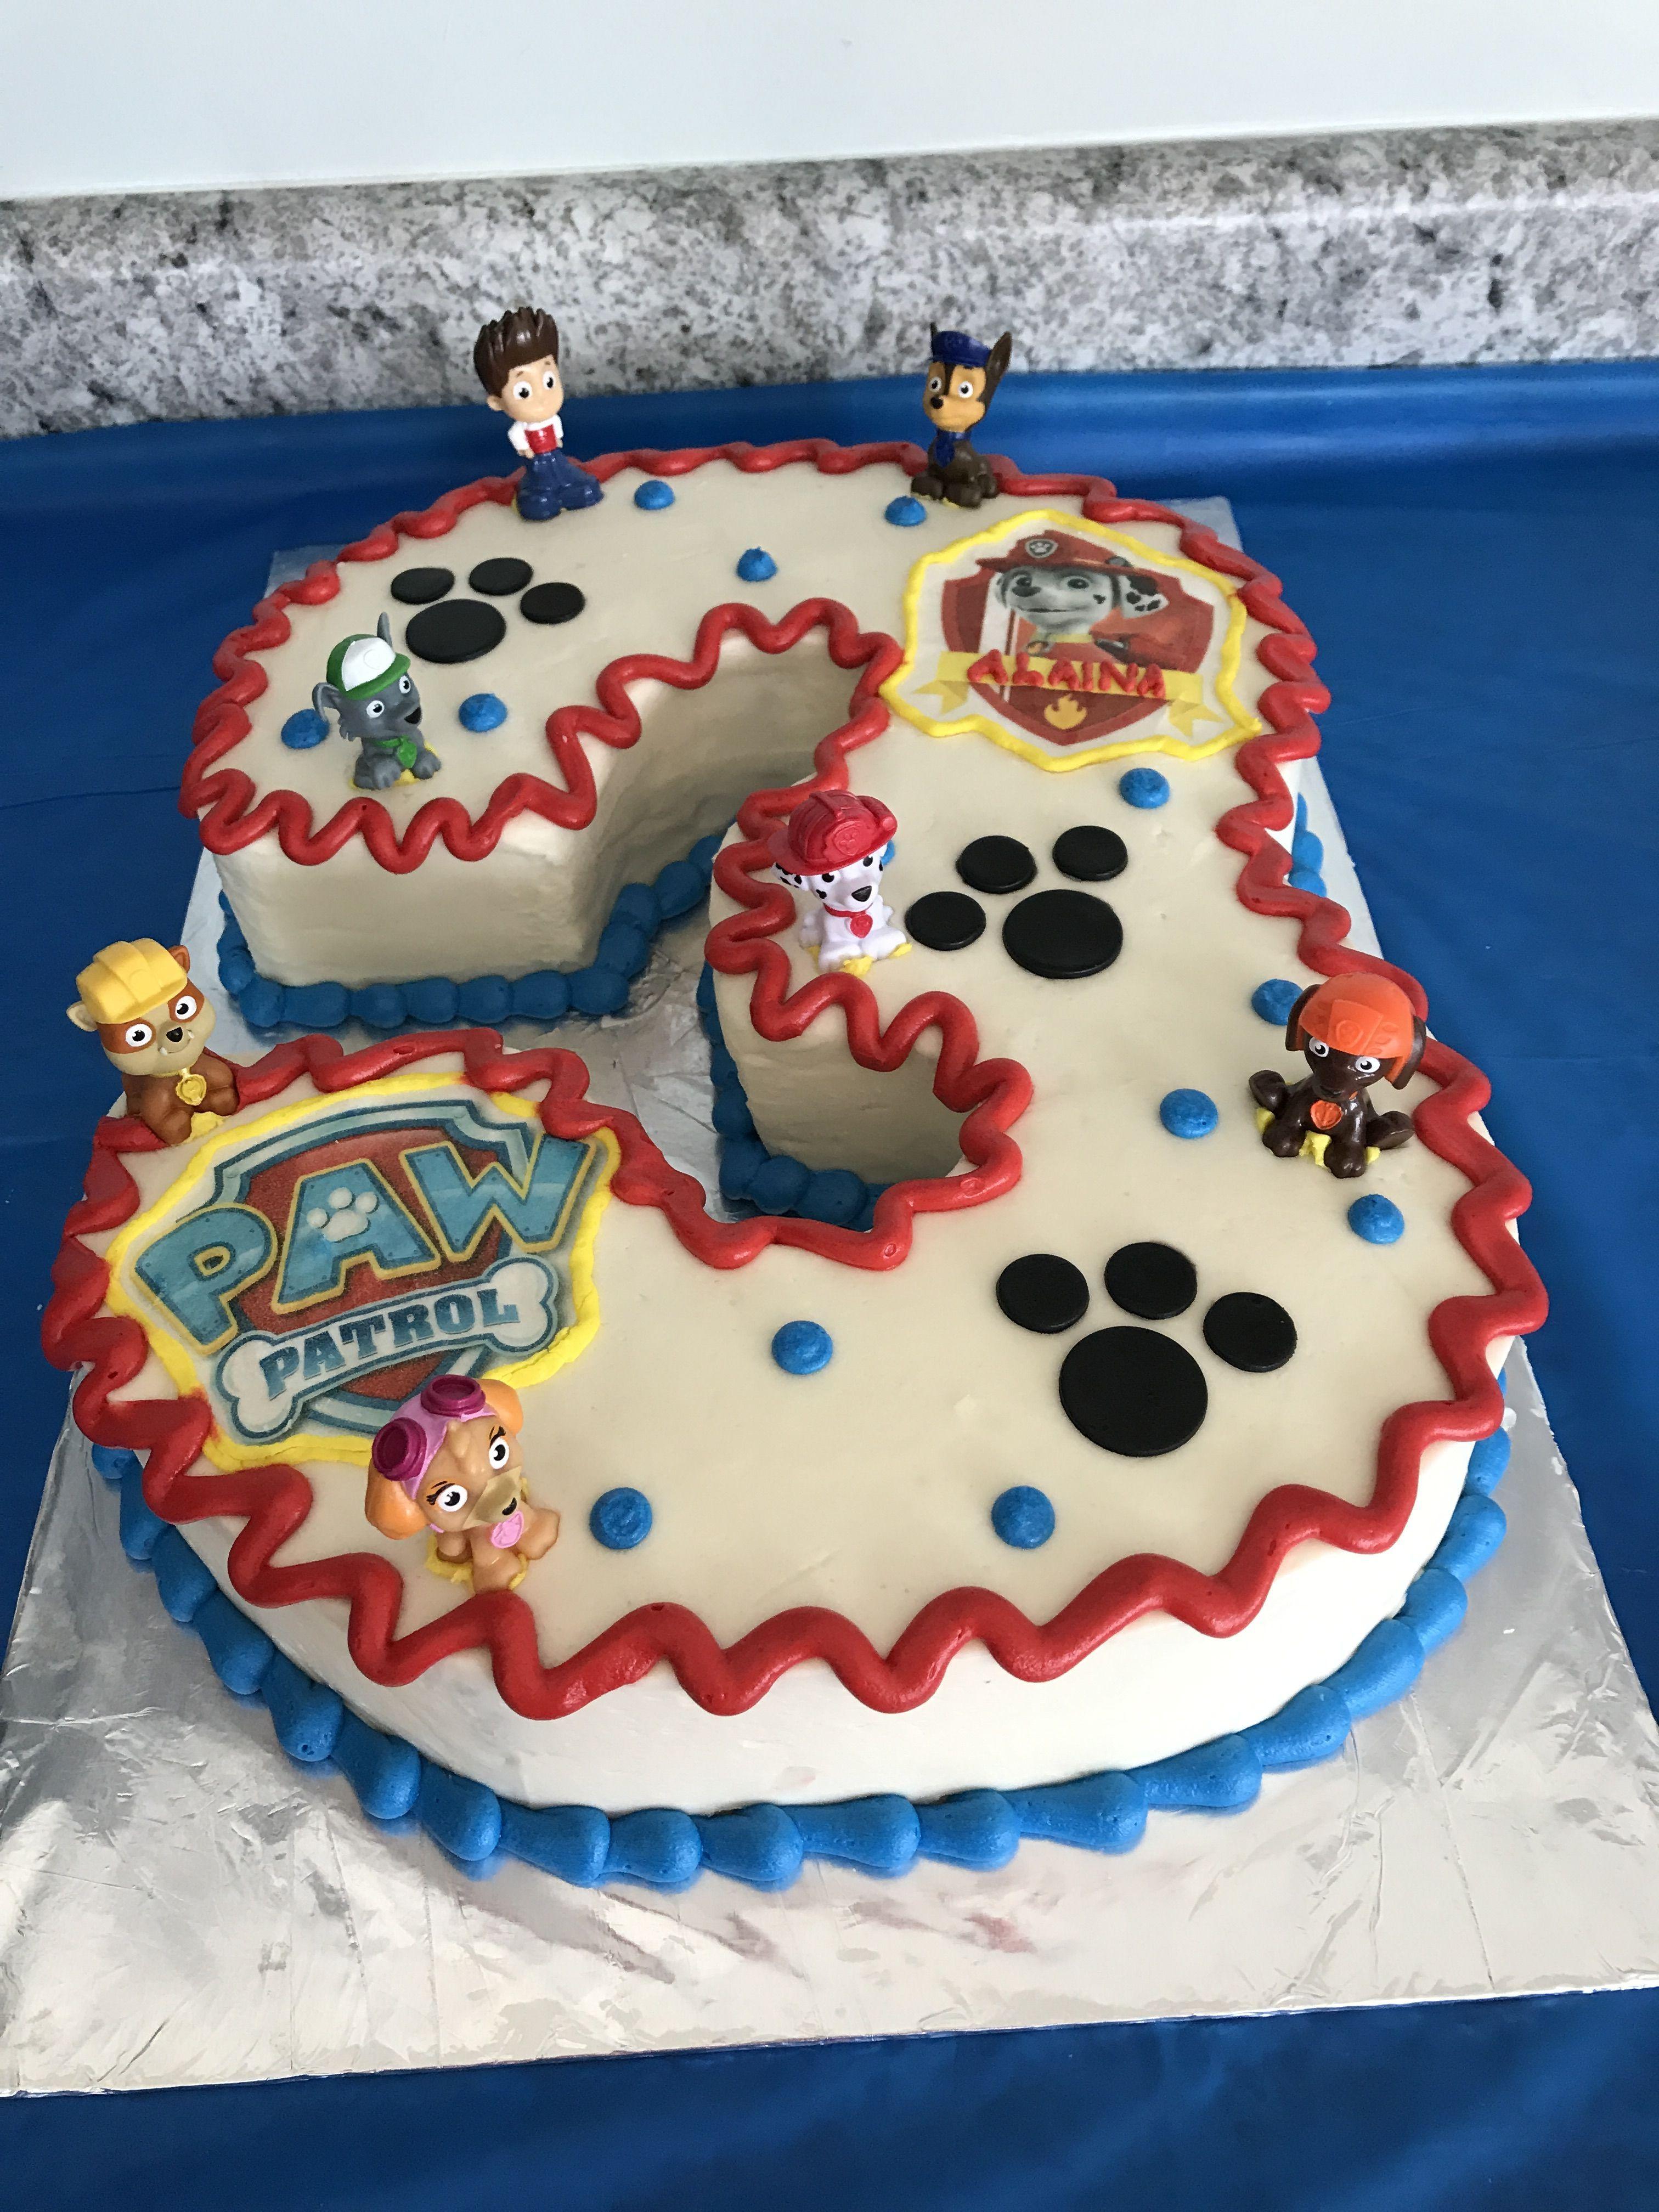 Paw Patrol Geburtstag Cake Marschall In 2020 Paw Patrol Birthday Cake Paw Patrol Birthday Cake Boys Birthday Cake Kids